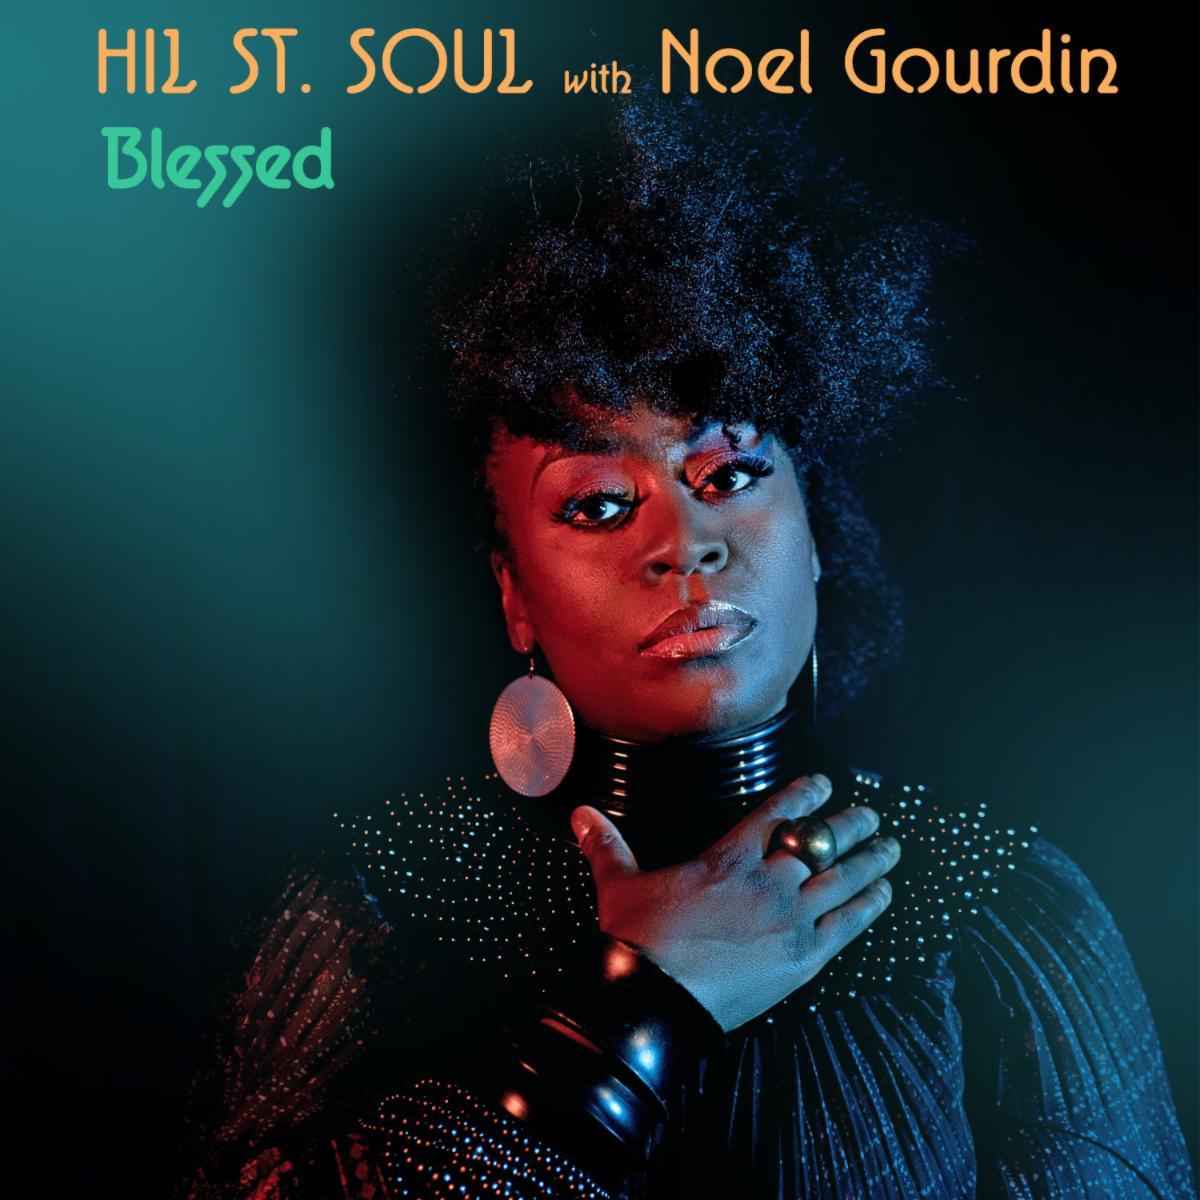 Hil St Soul Noel Gourdin Blessed